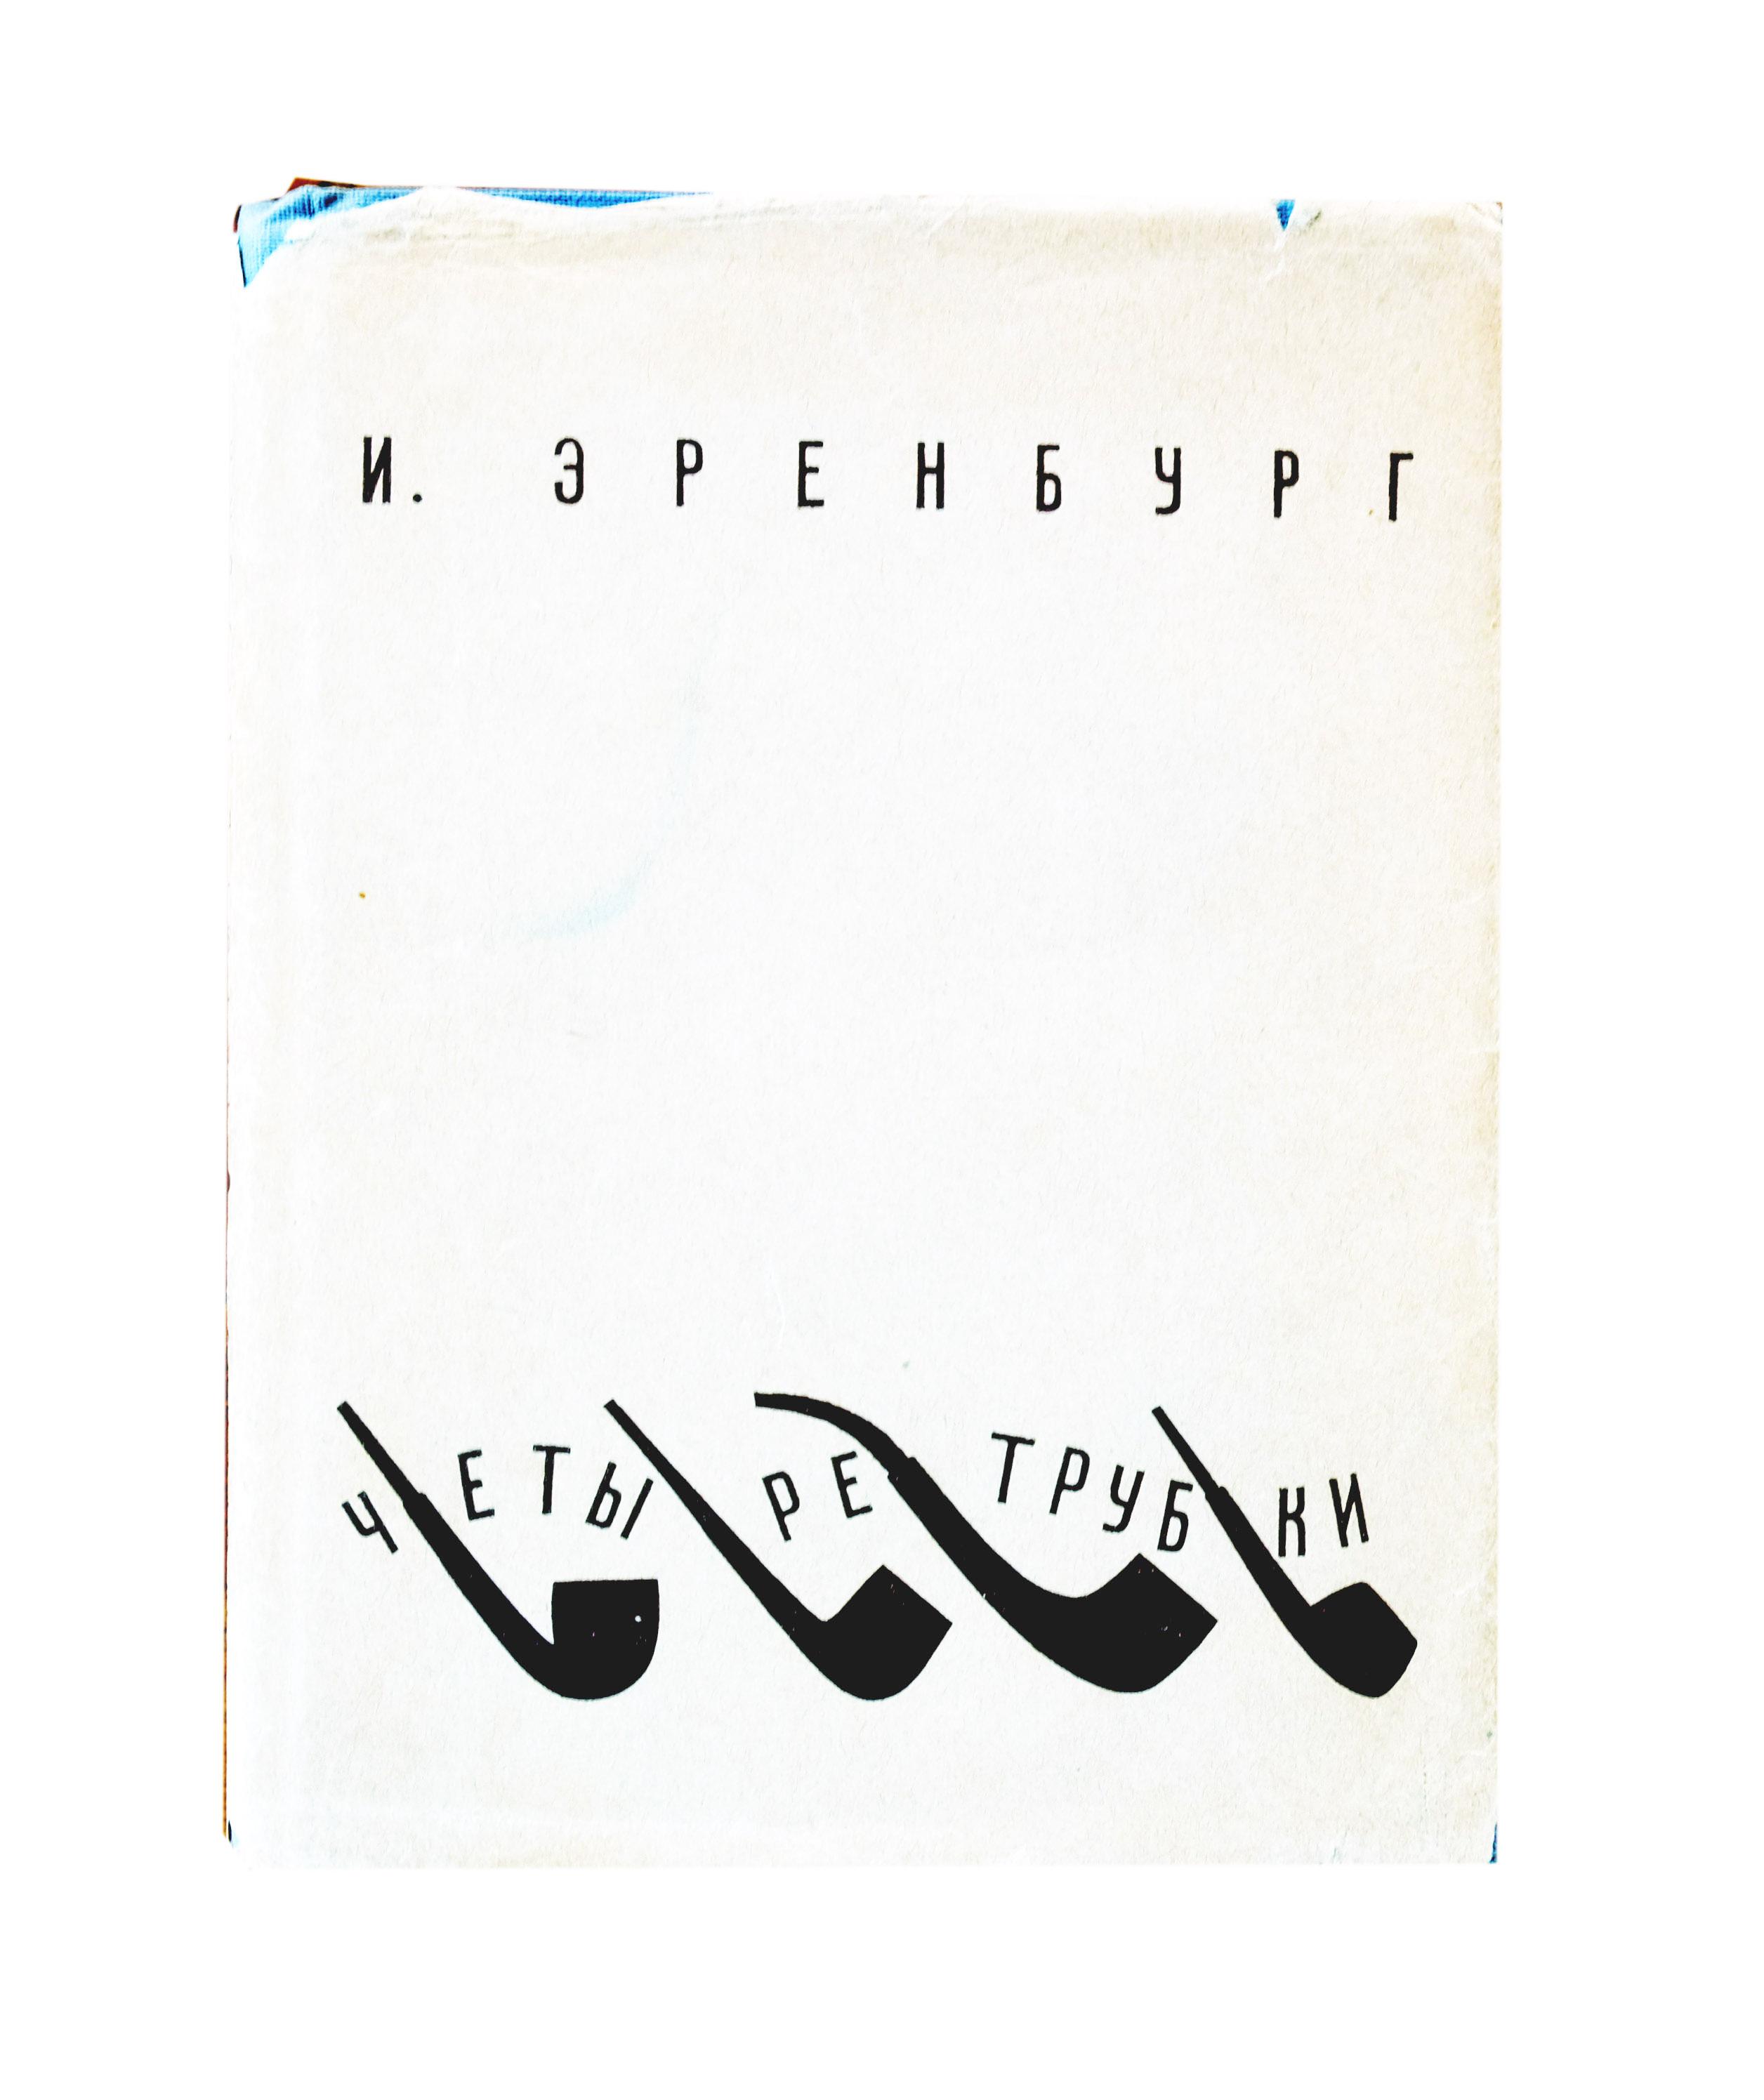 18044.JPG